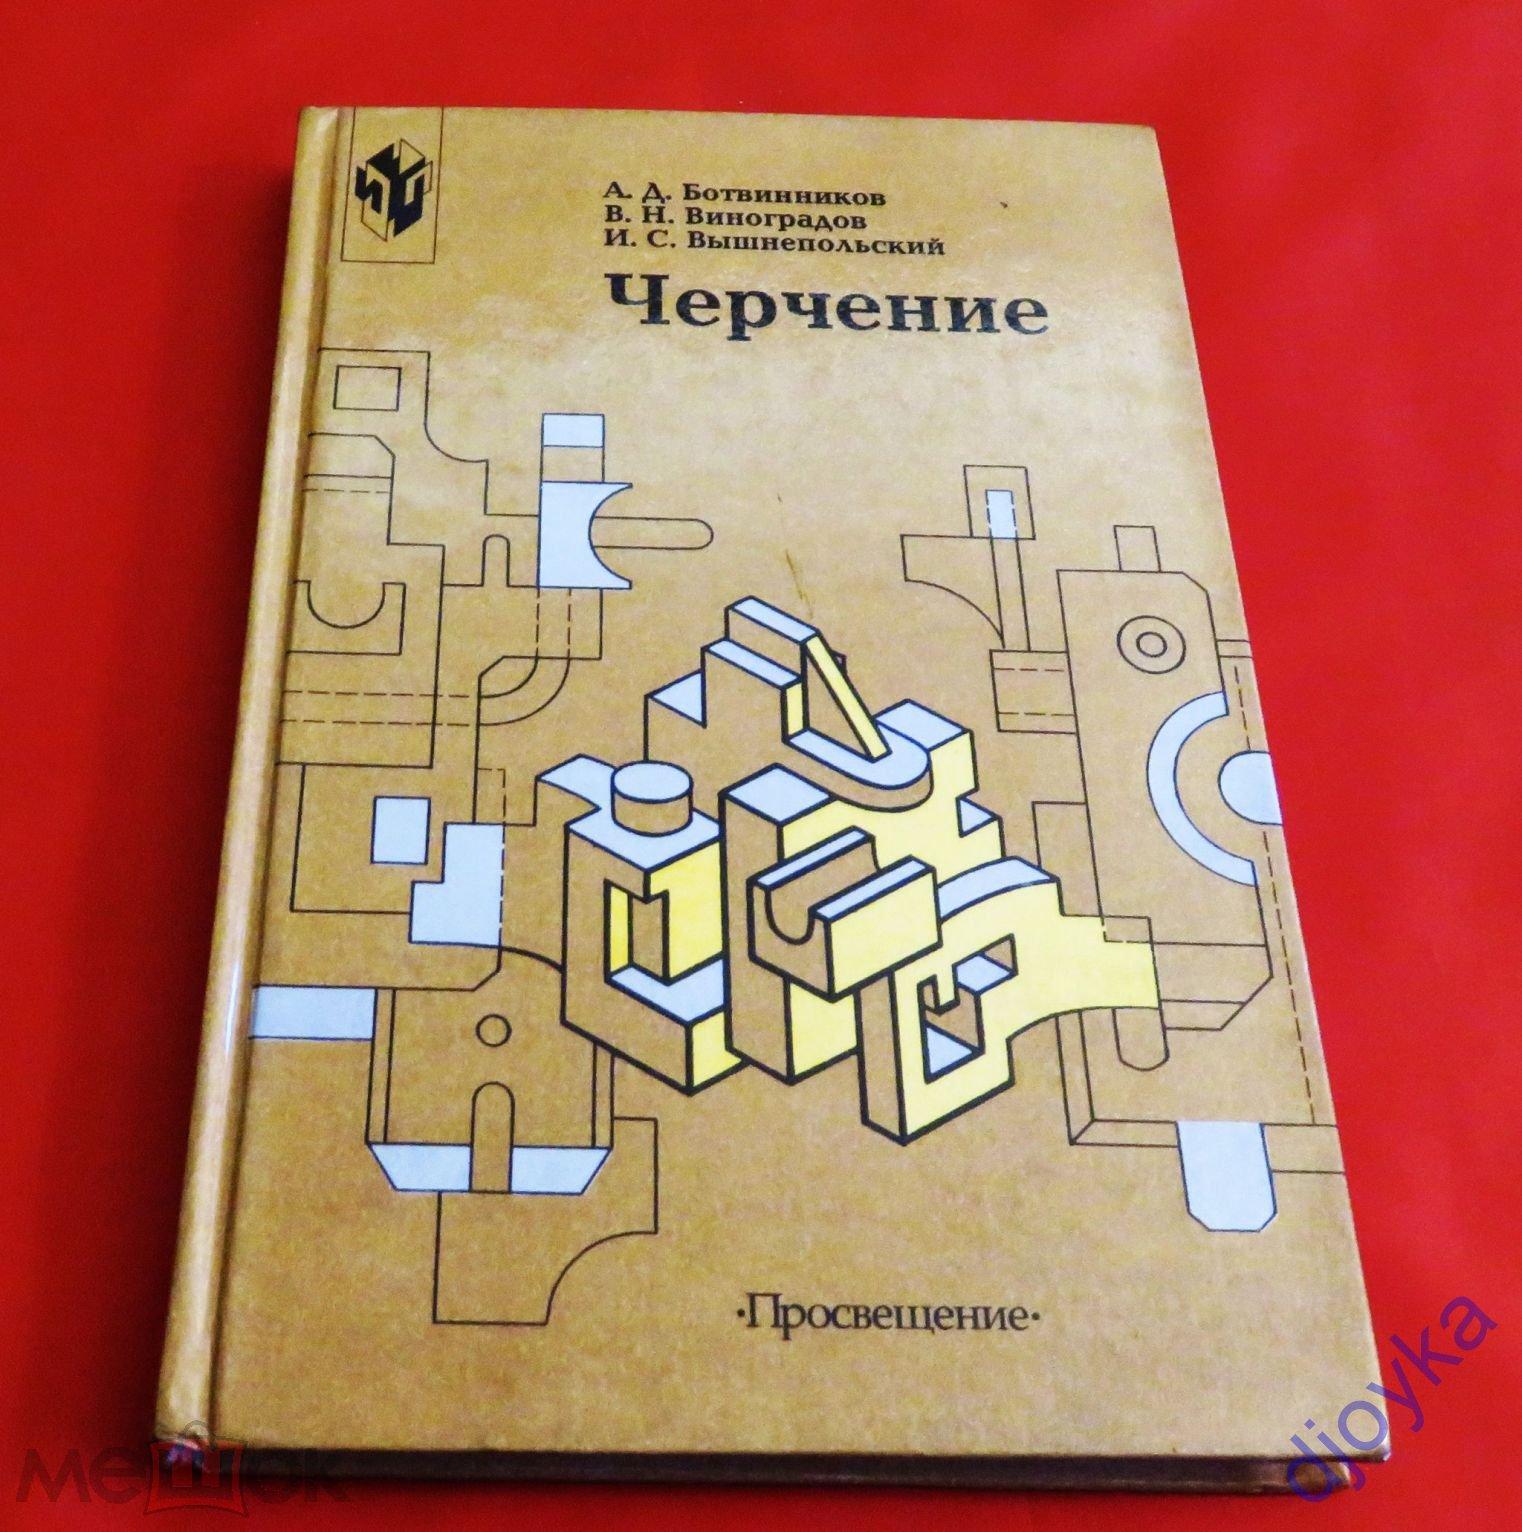 Учебник черчение 7-8 класс ботвинников виноградов вышнепольский.